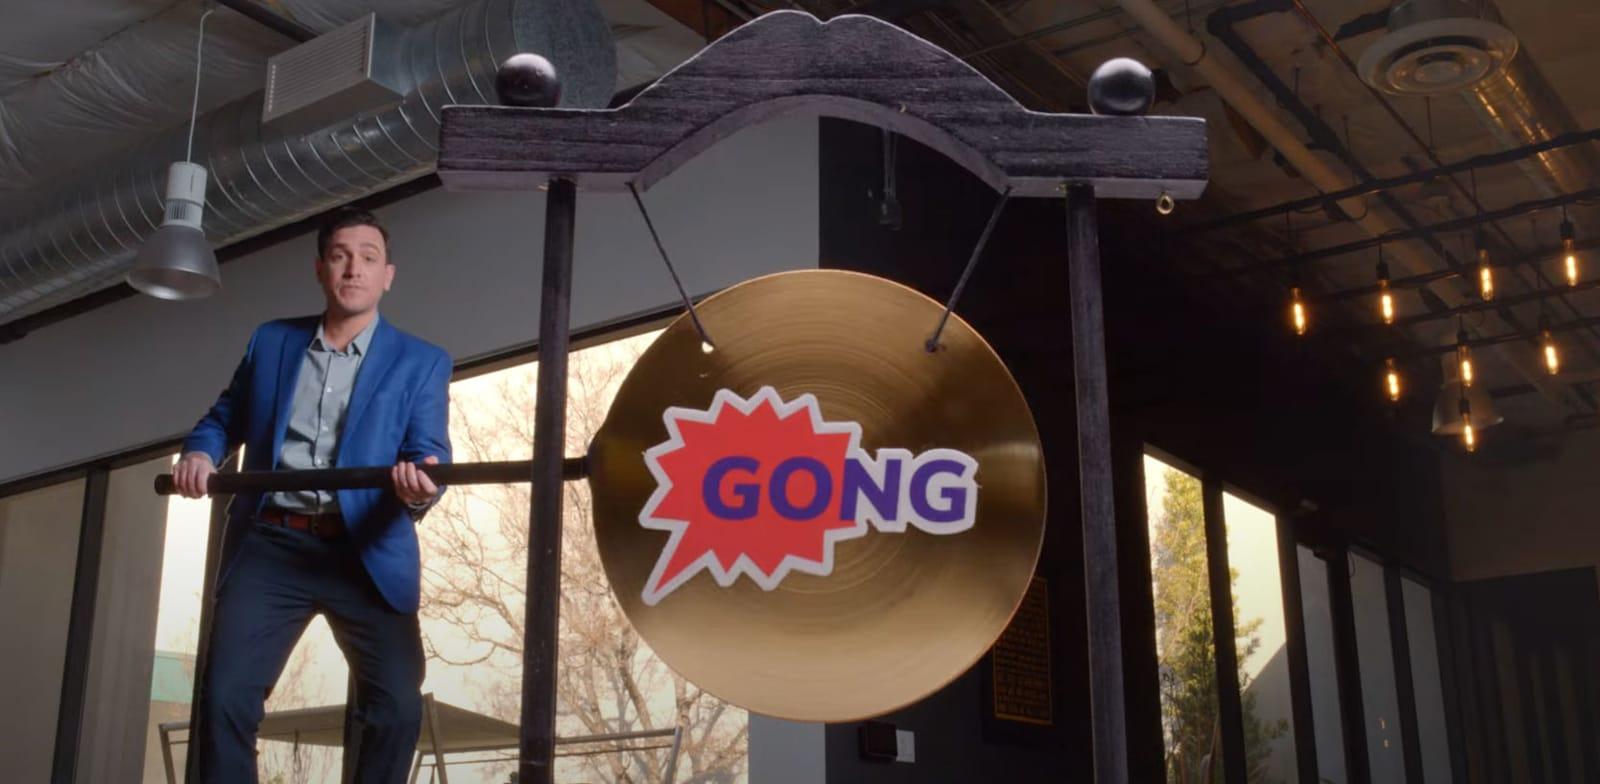 פרסומת הסופרבול של Gong.io / צילום: מתוך ערוץ היוטיוב הרשמי Gong.io